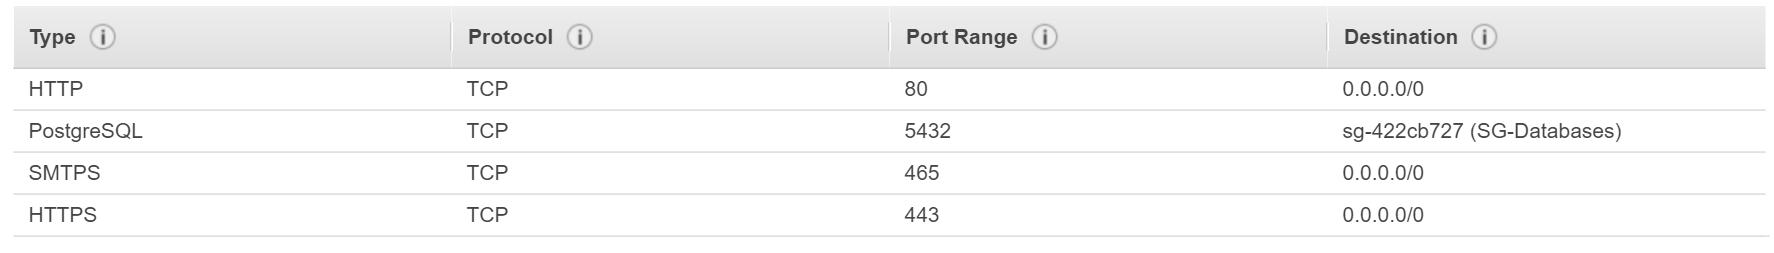 Outbound EC2 ports